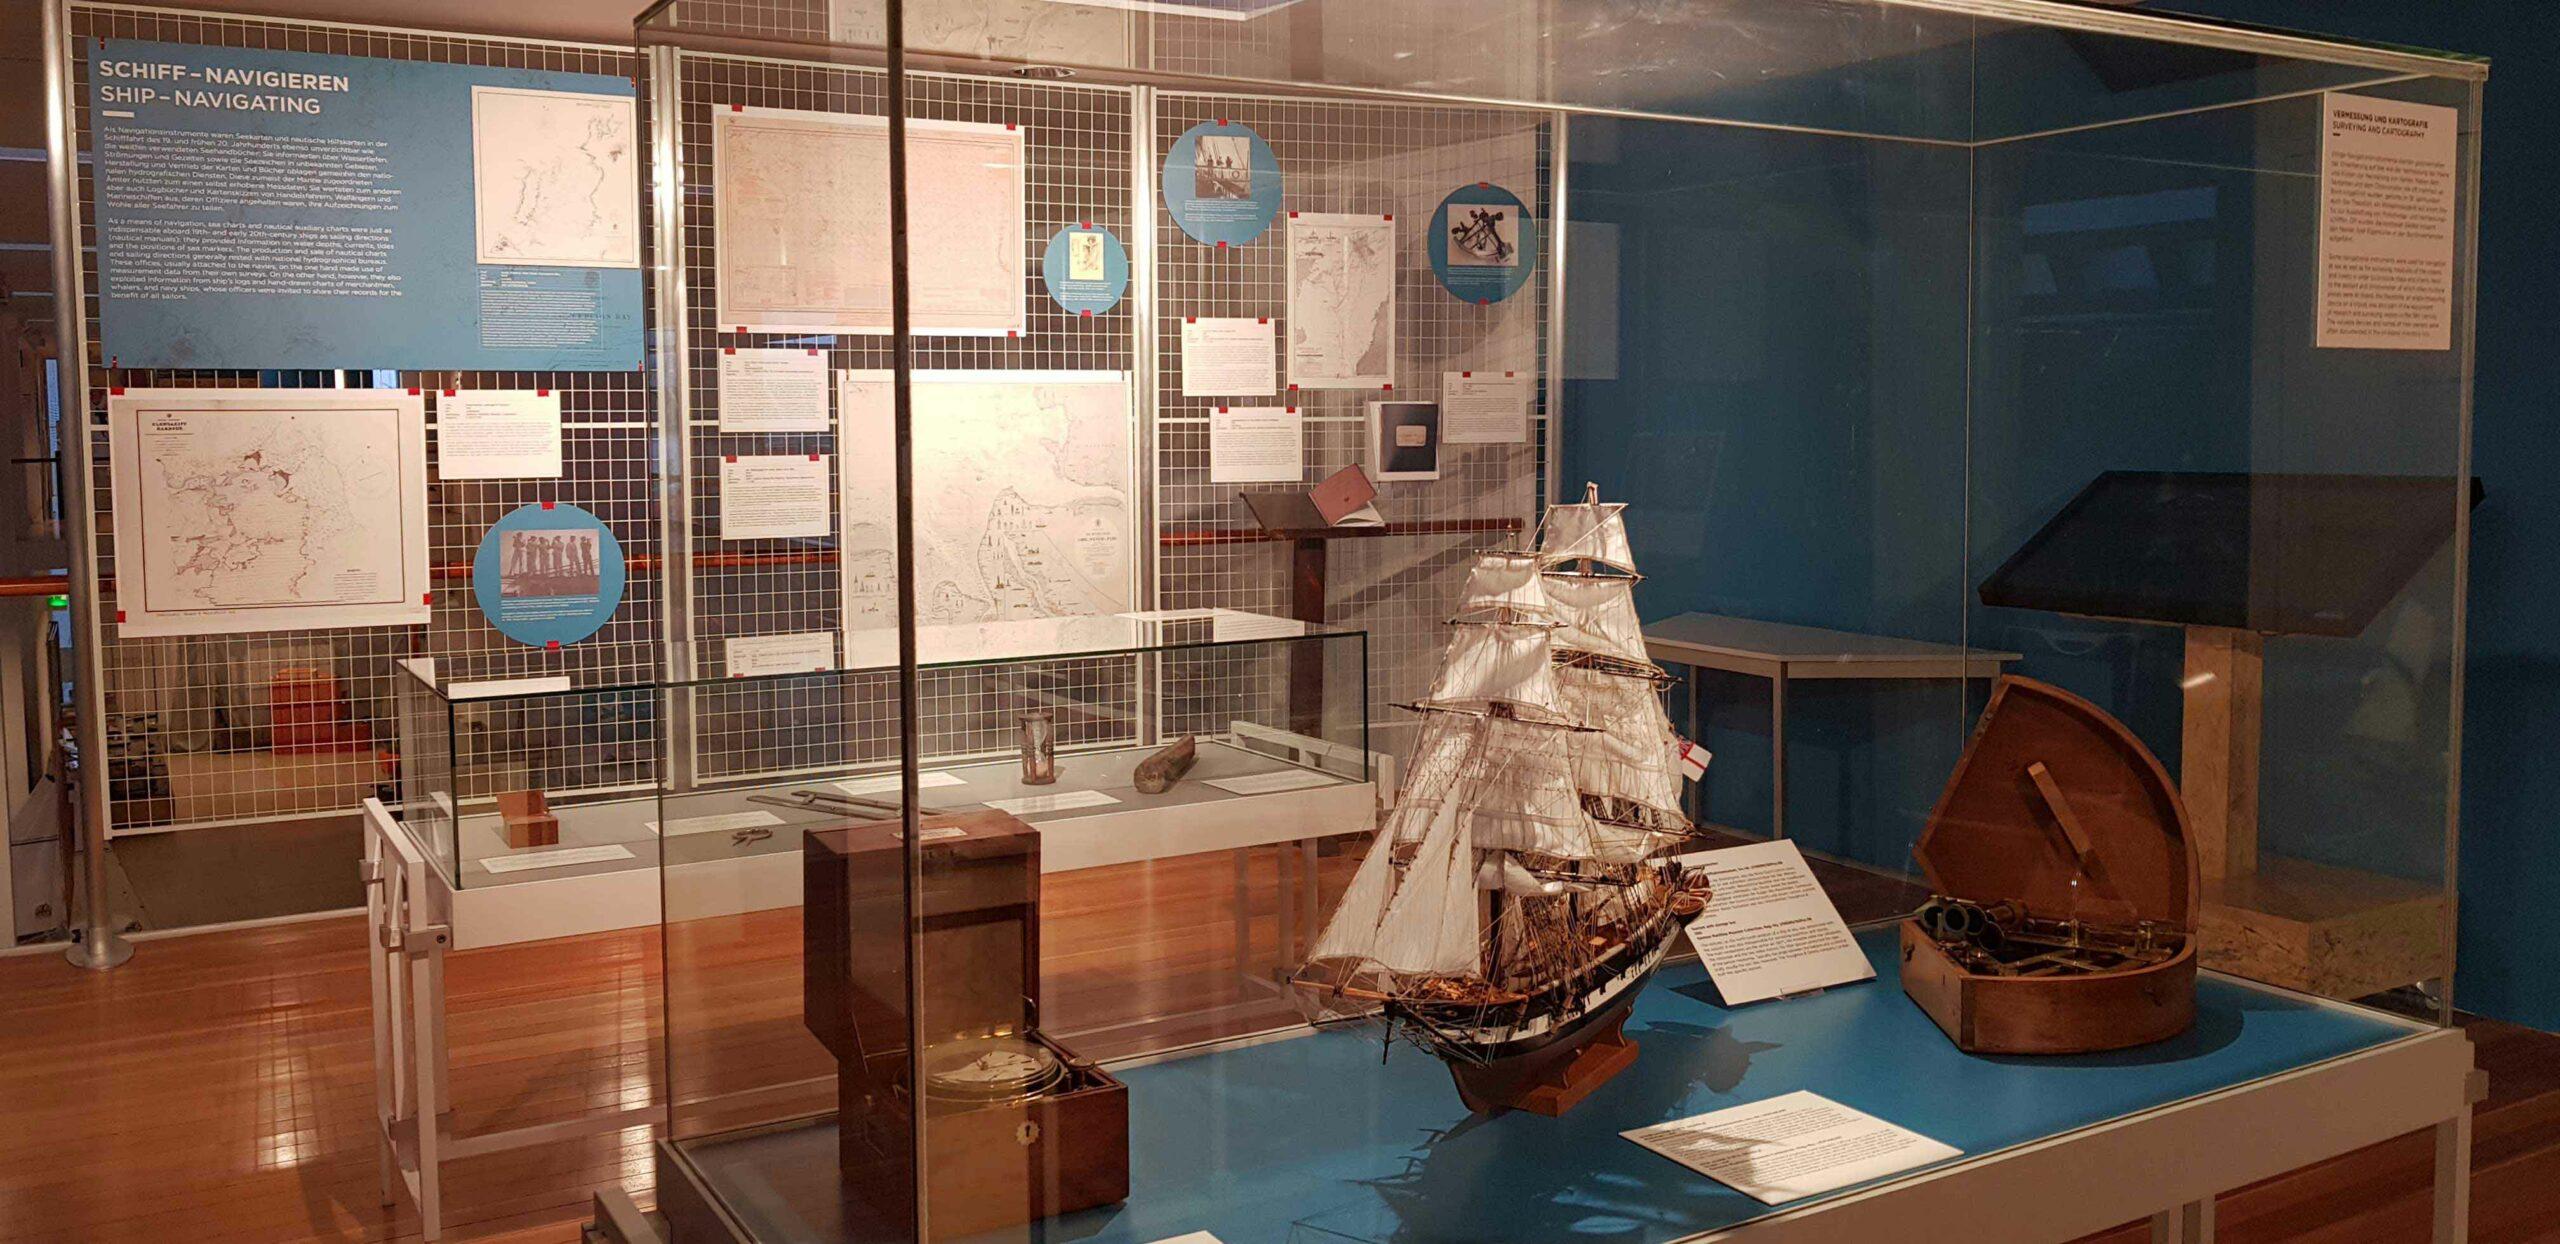 Einblick in die Ausstellung KartenWissenMeer Abteilung Schiff - Navigieren